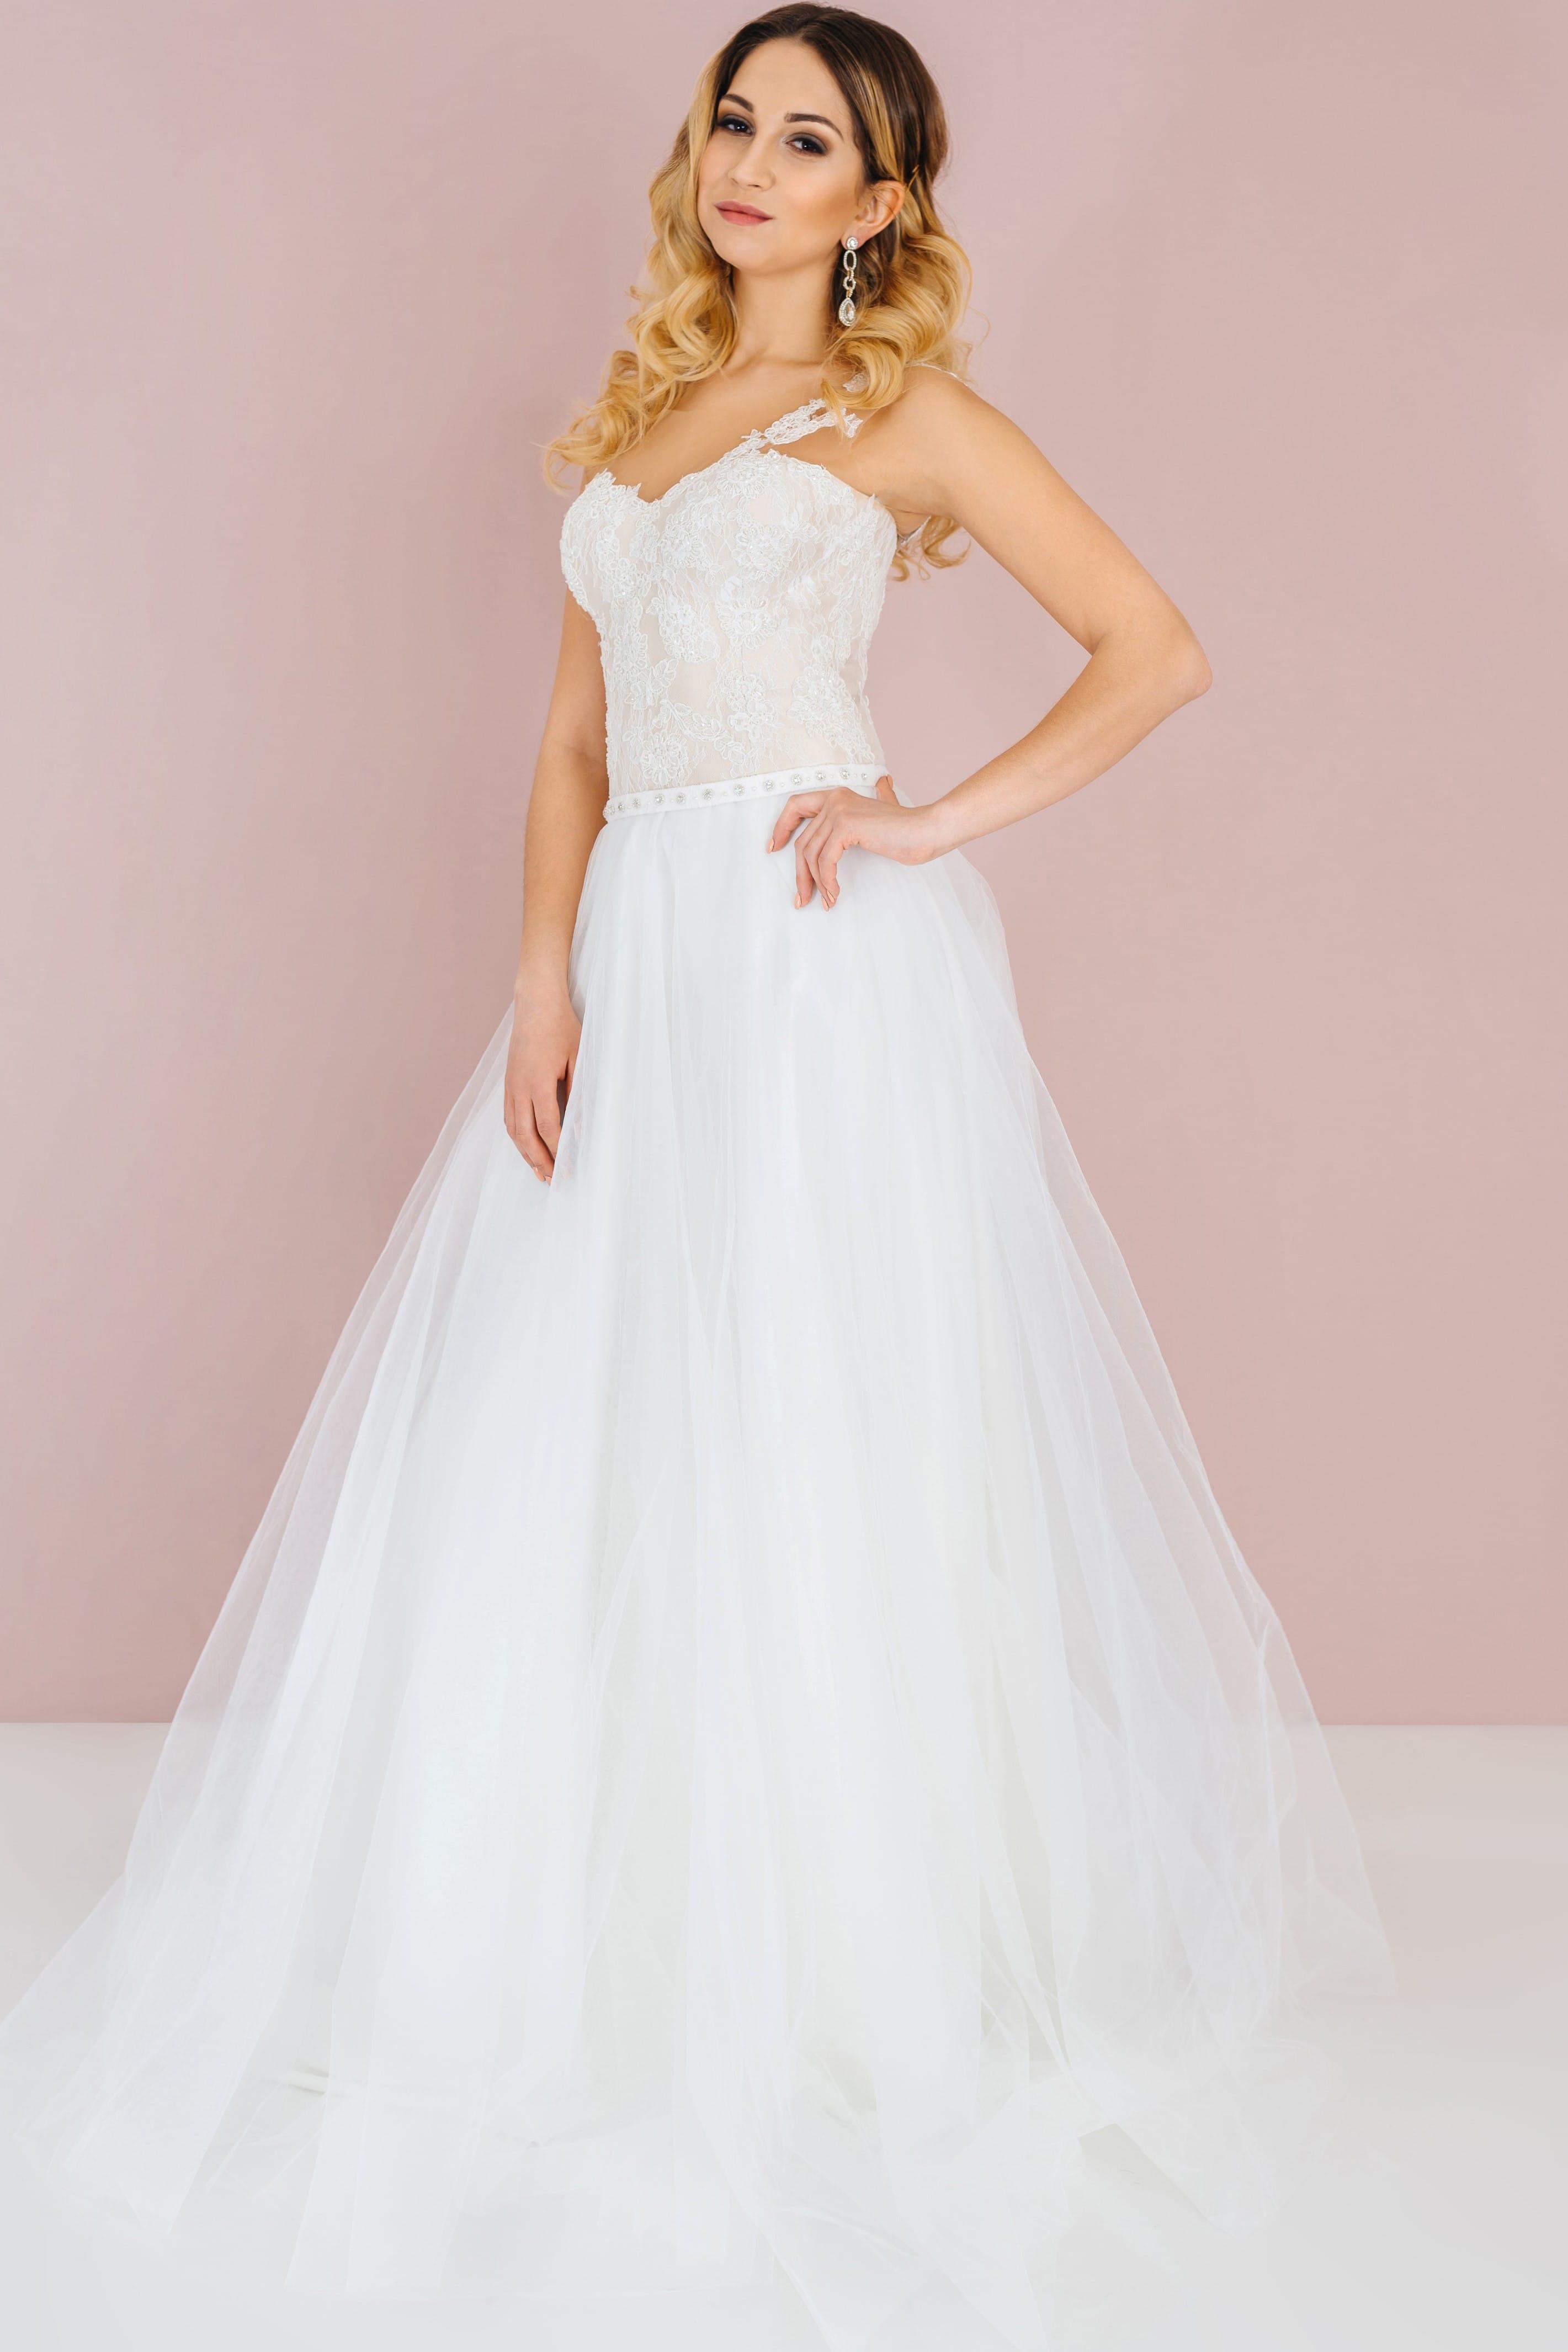 Свадебное платье FLORA, коллекция LOFT, бренд RARE BRIDAL, фото 2